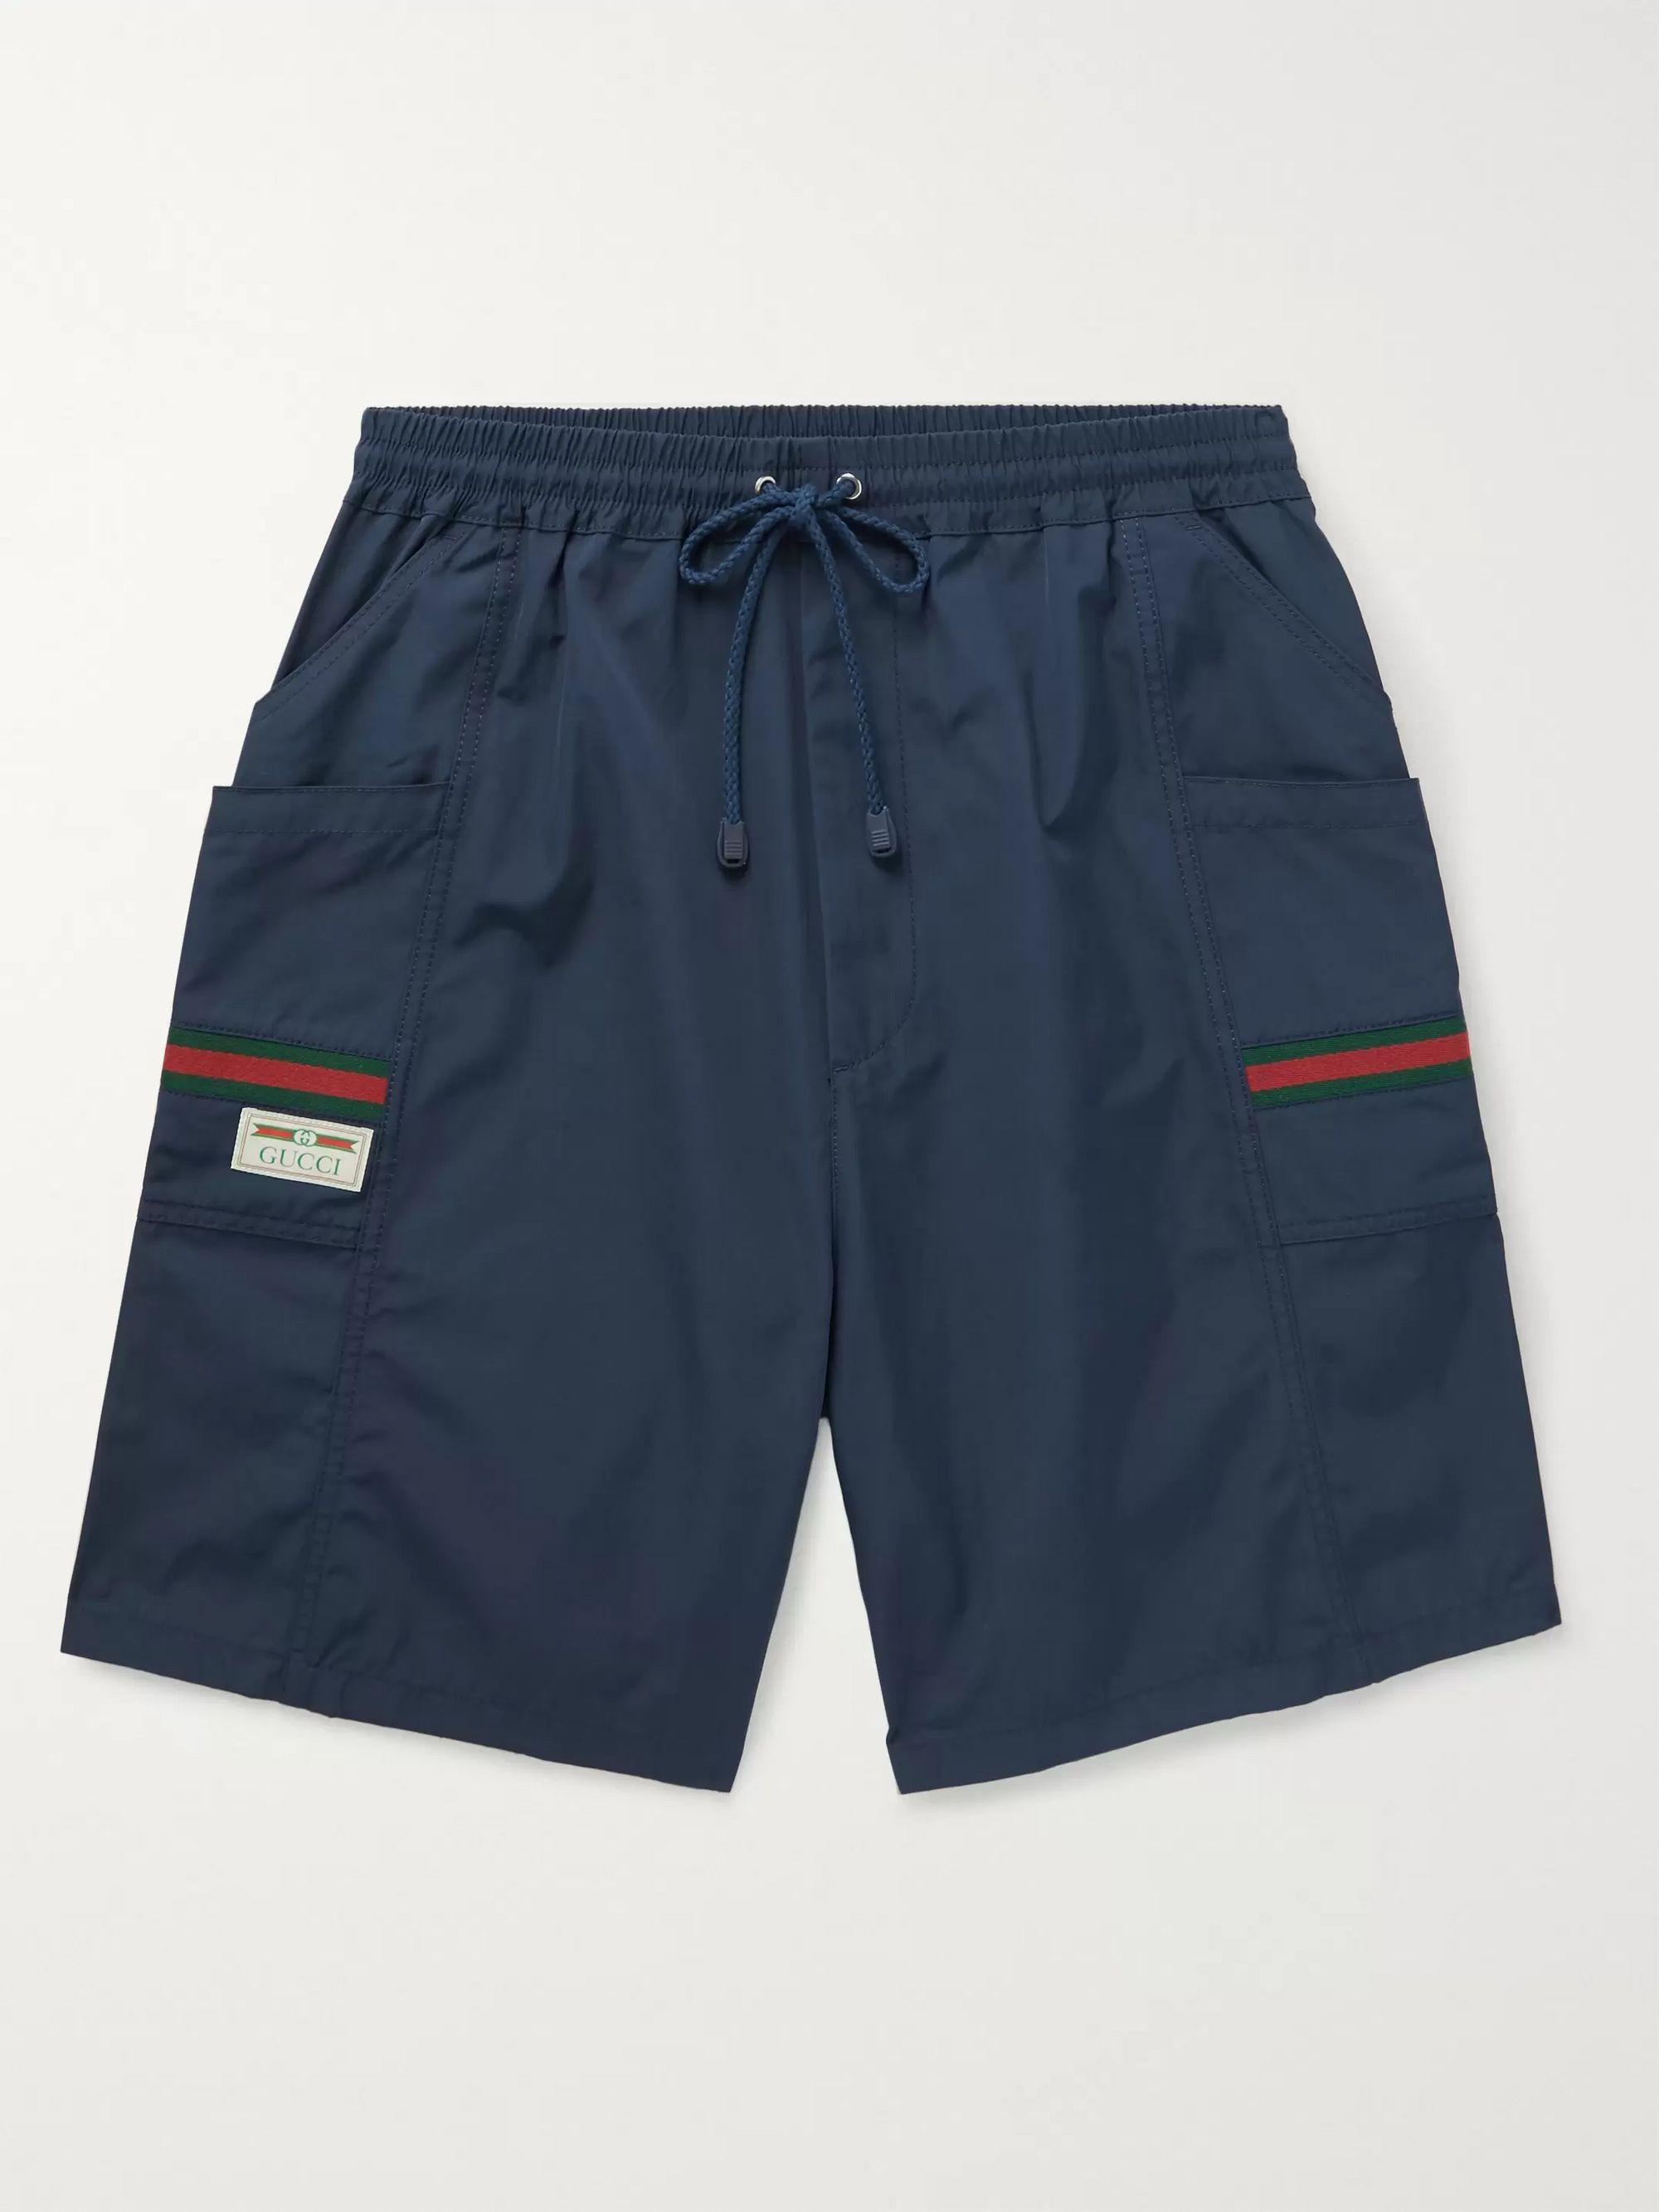 구찌 Gucci Striped Webbing-Trimmed Shell Drawstring Shorts,Navy